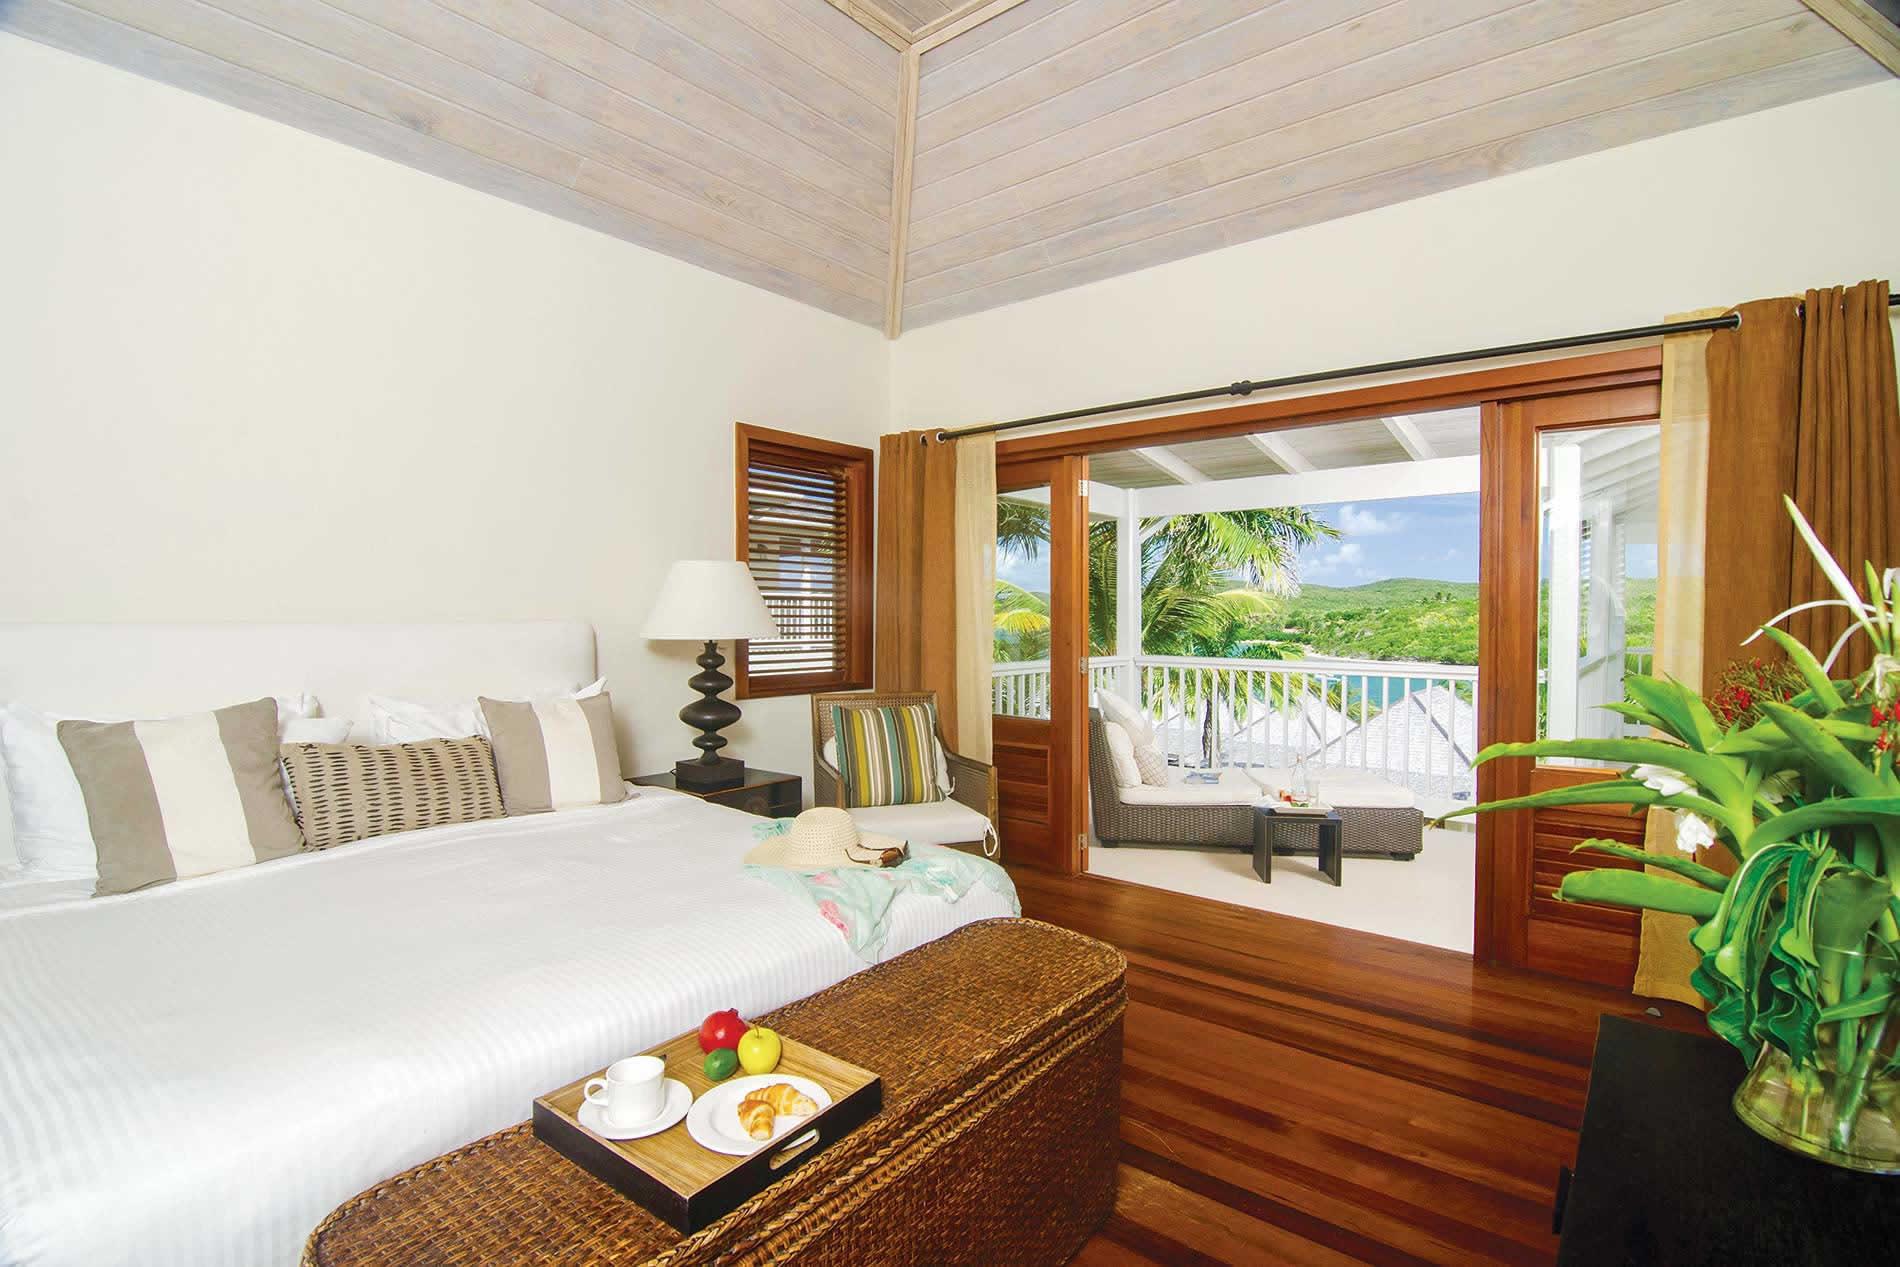 Apartment Deluxe Suite II in Nonsuch Bay Resort - sleeps 4 people